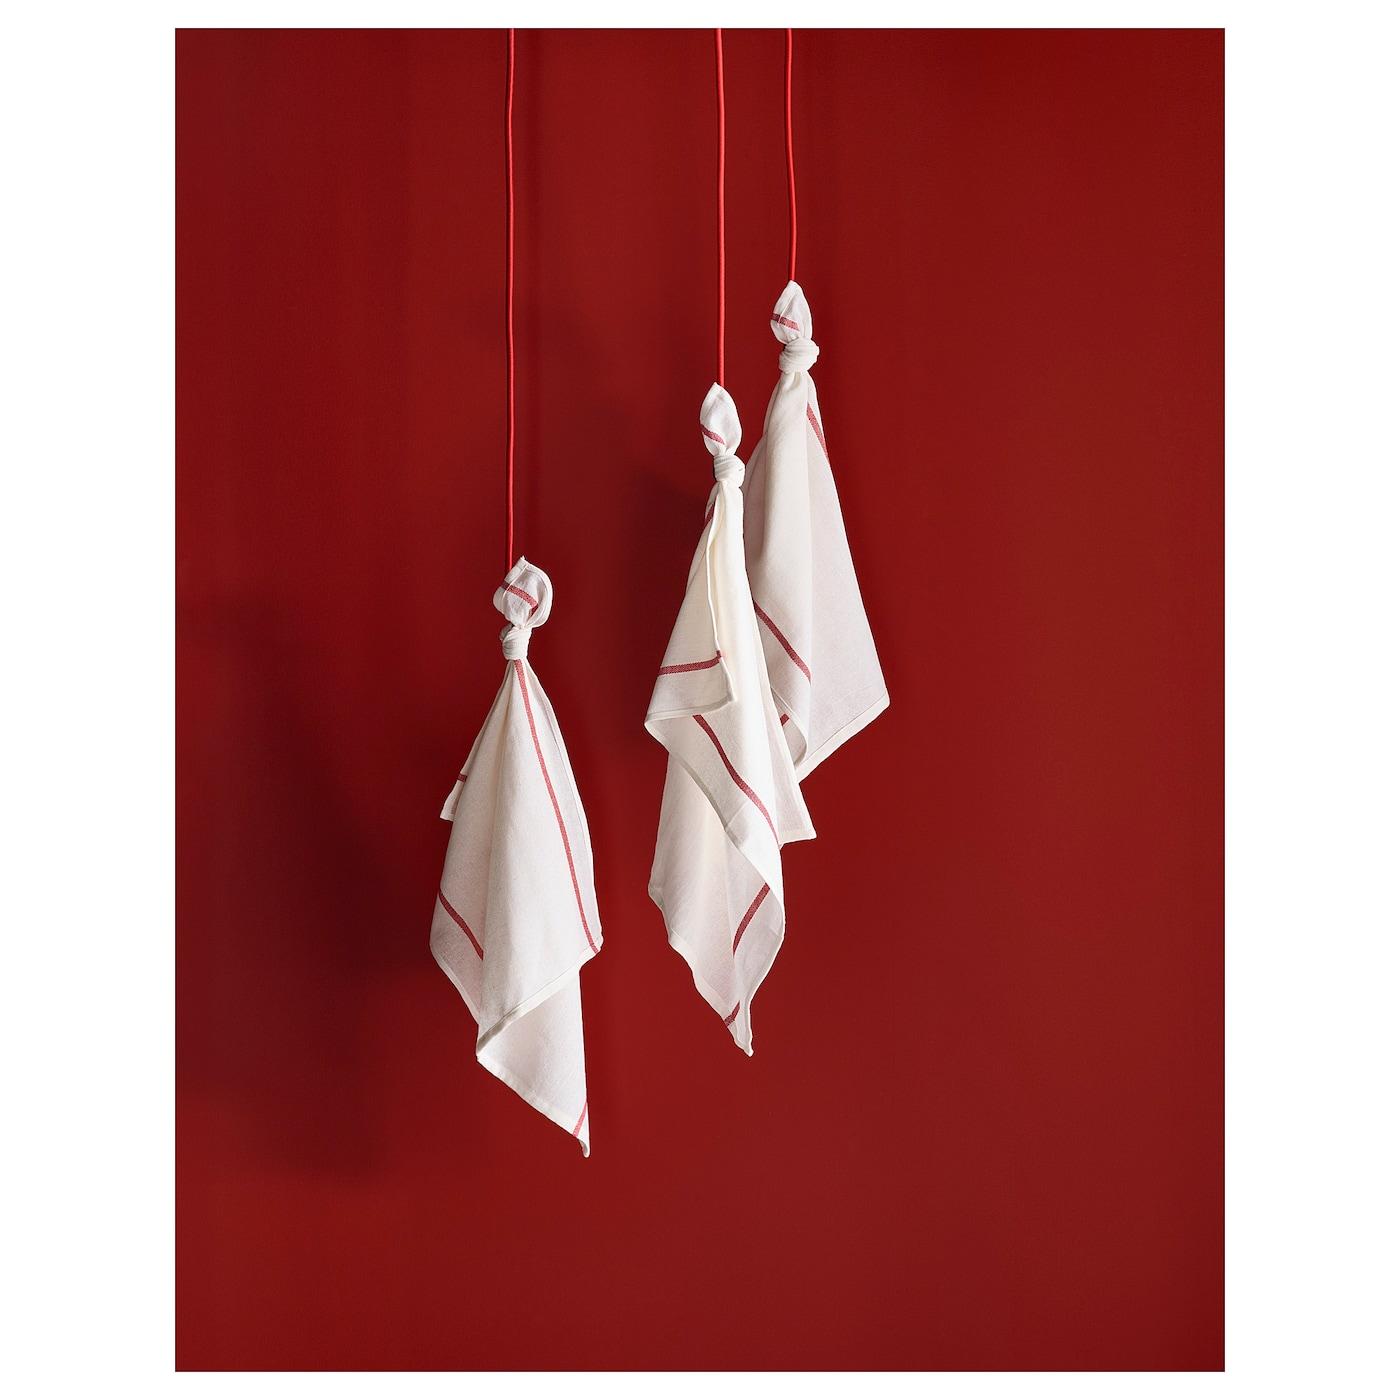 Tekla Thé Serviette fils teints coton 50x65 cm suspendu boucle Séchage tissu IKEA